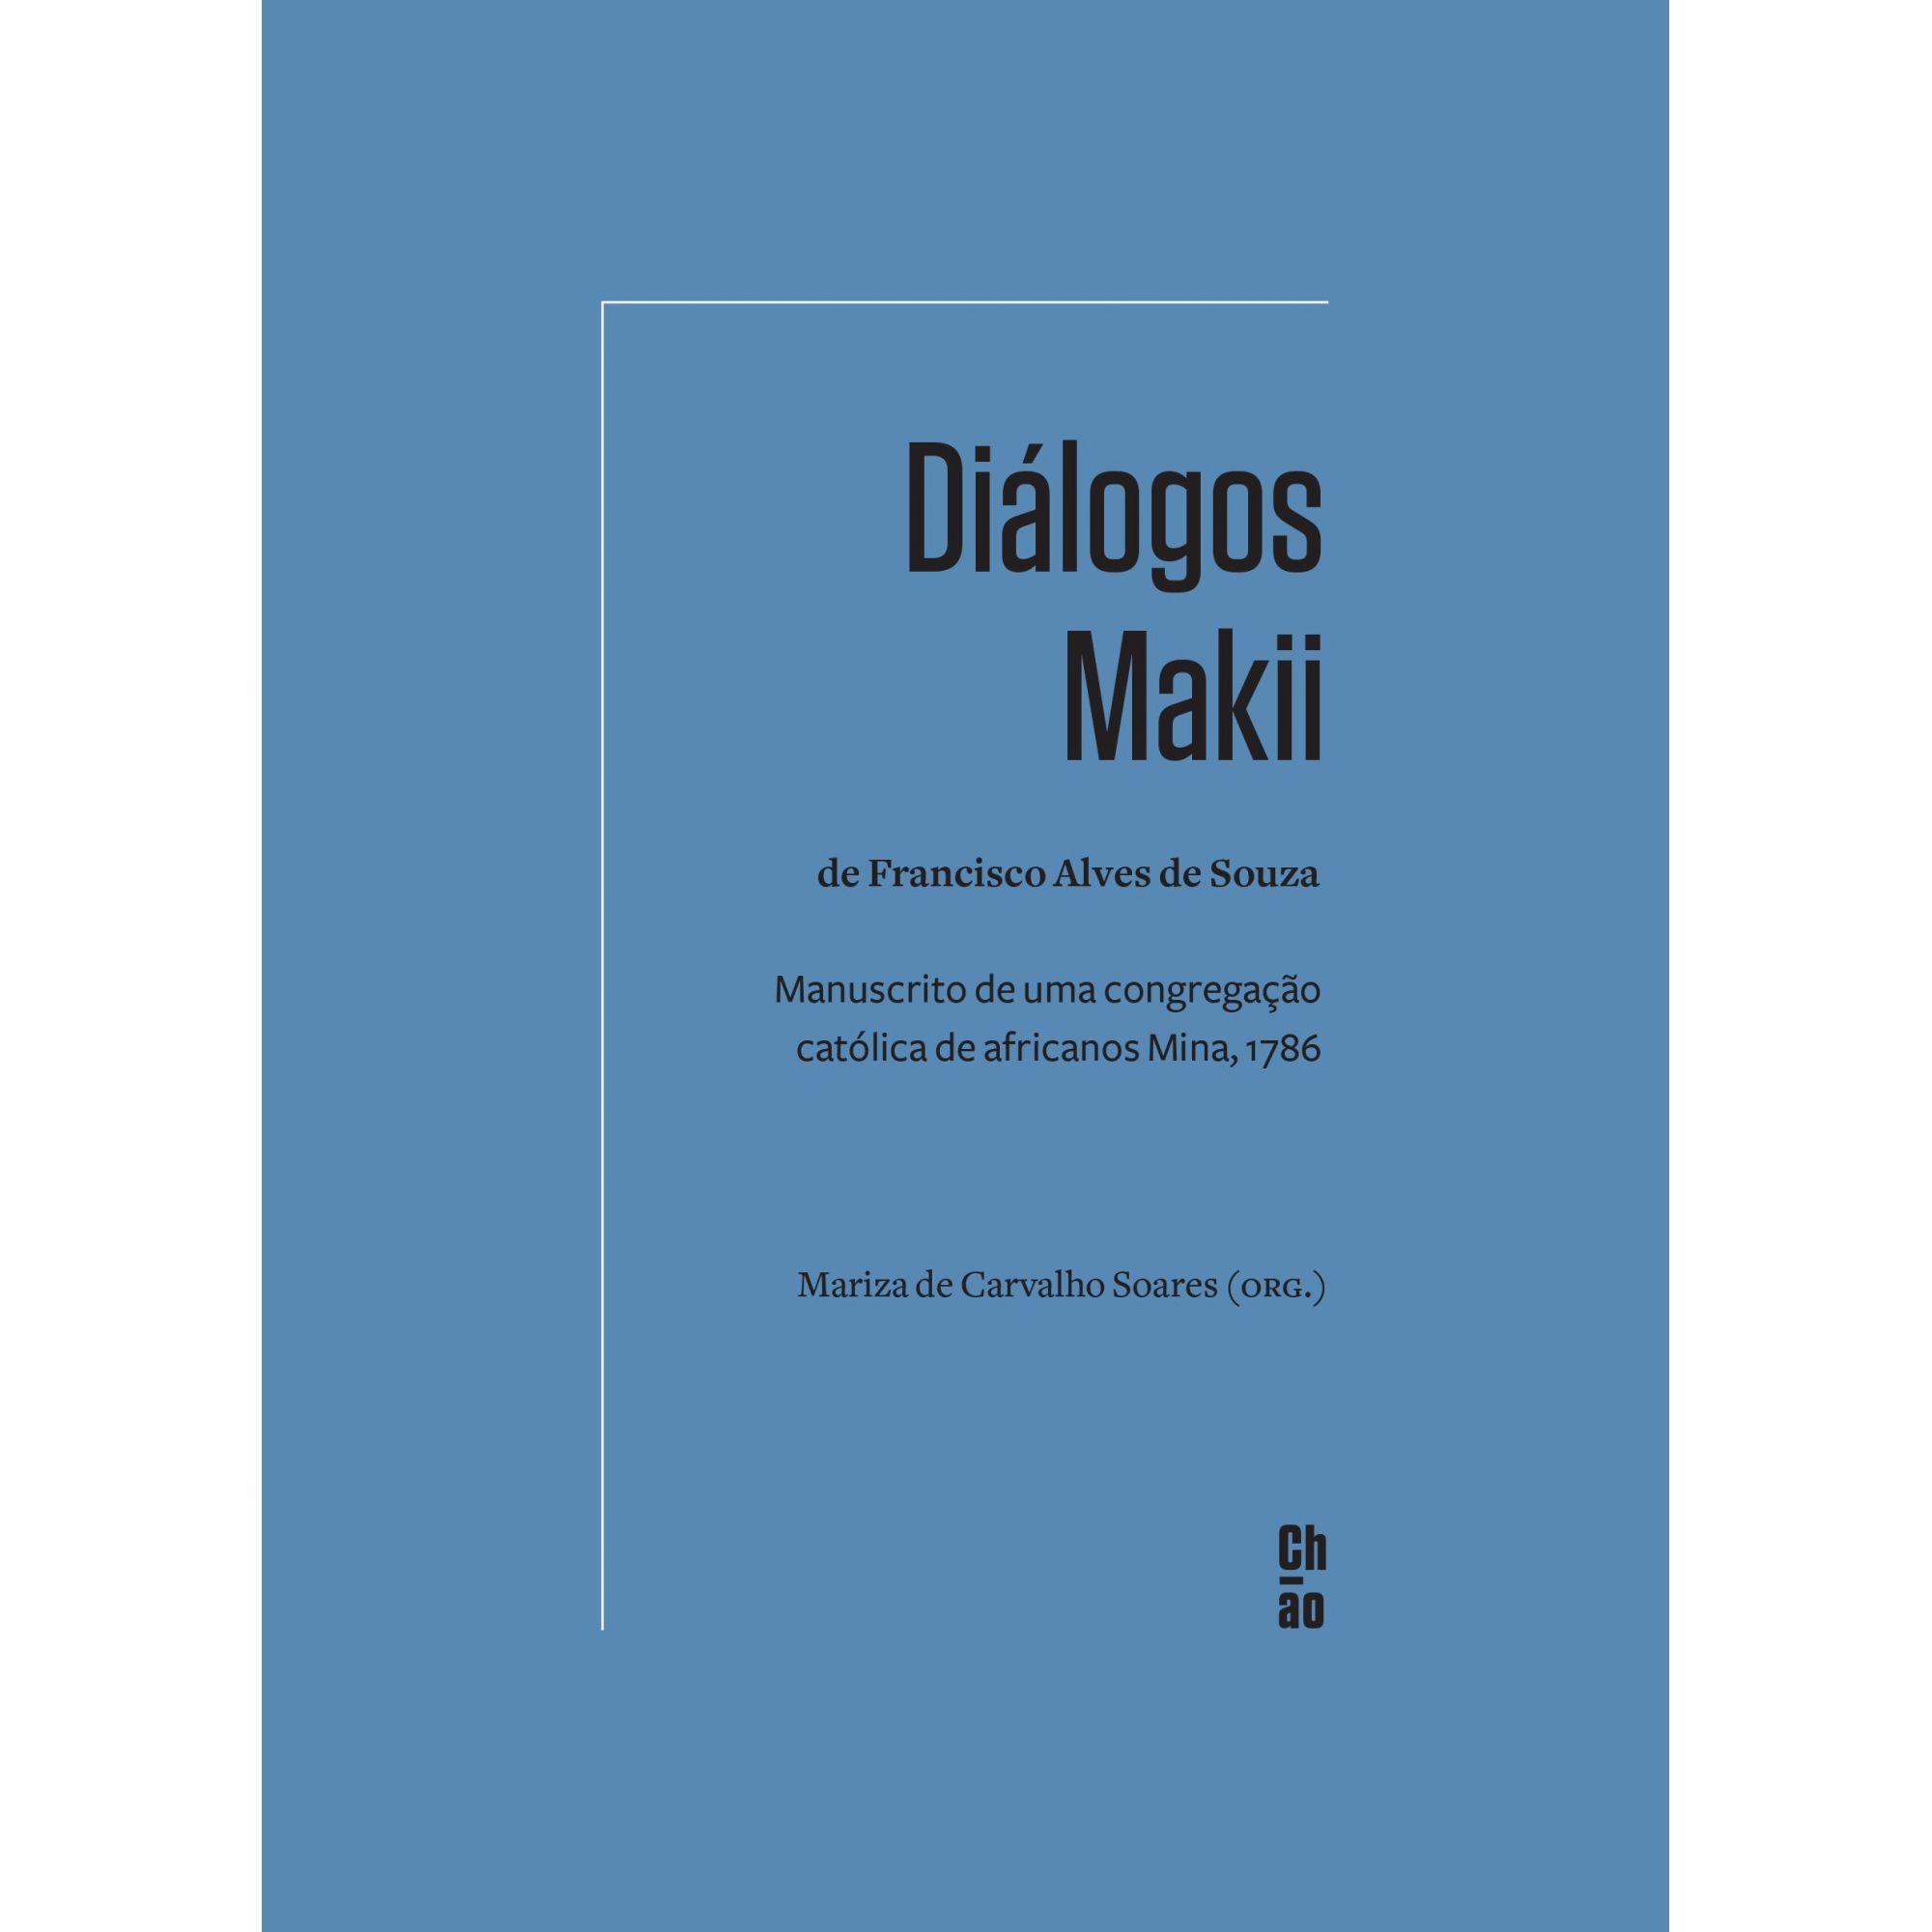 Diálogos Makii de Francisco Alves de Souza